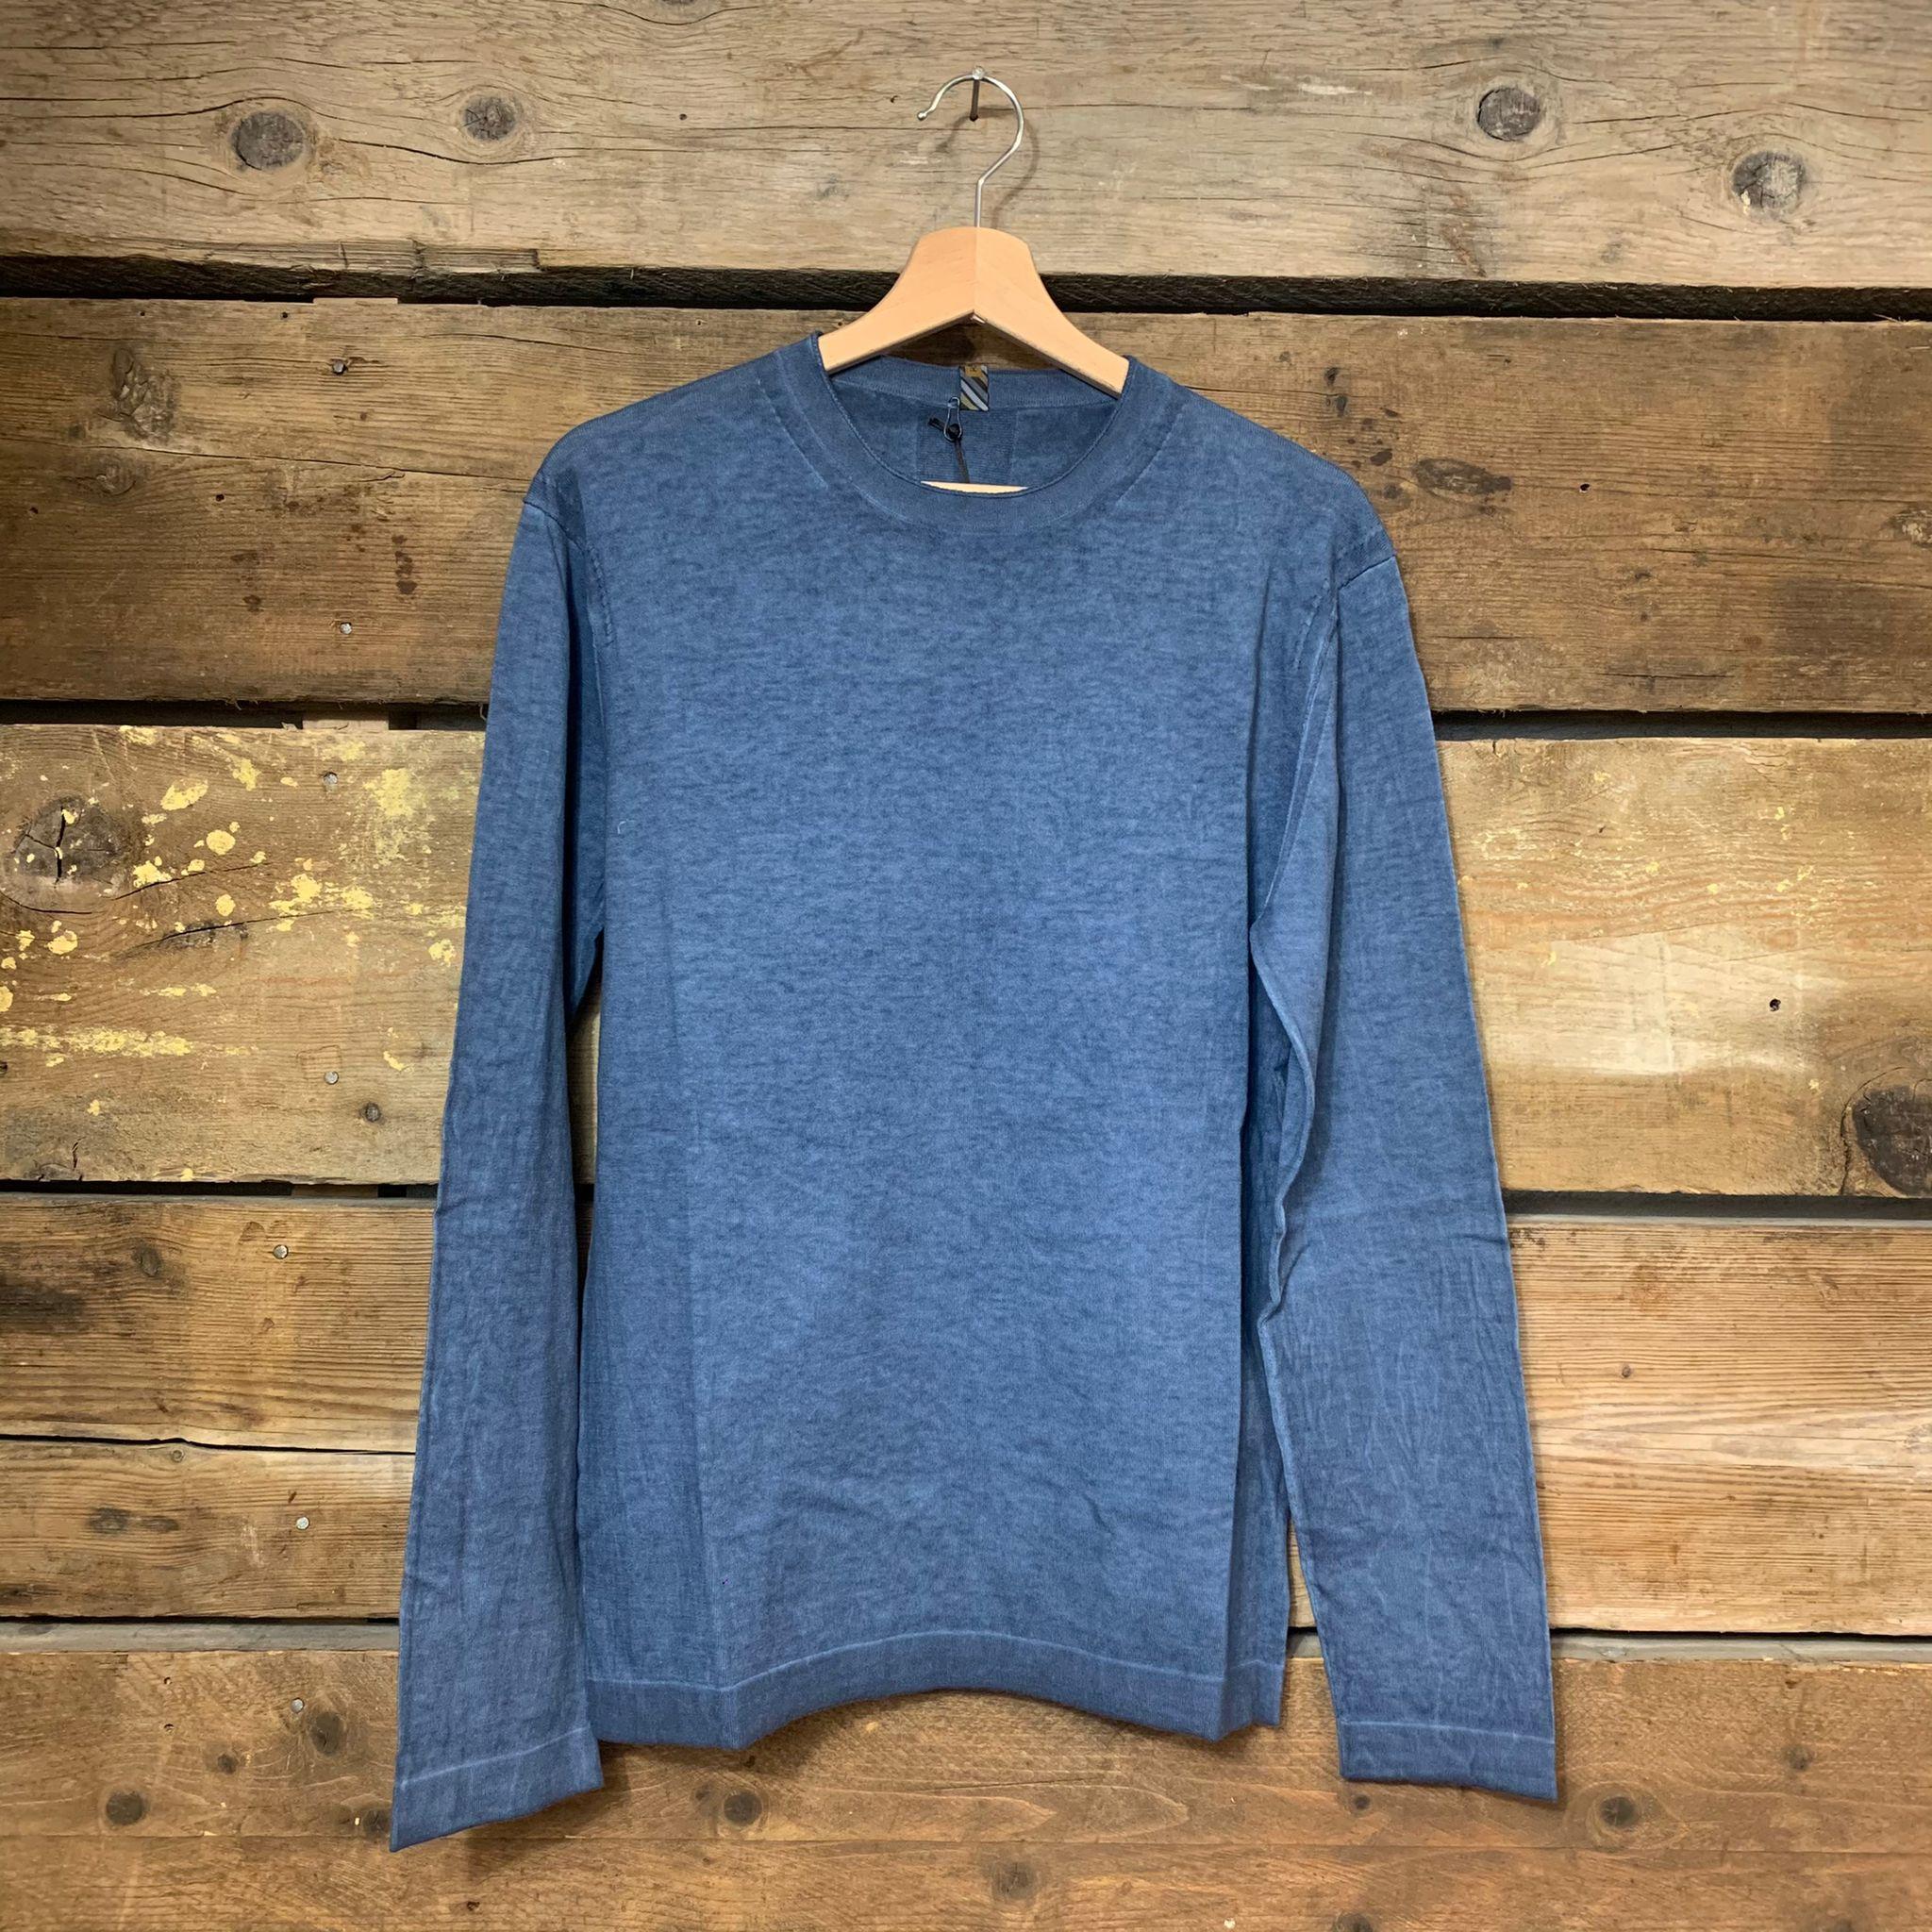 Maglione Hosio Uomo Girocollo Vintage Sfumata 100% Cotone Azzurro